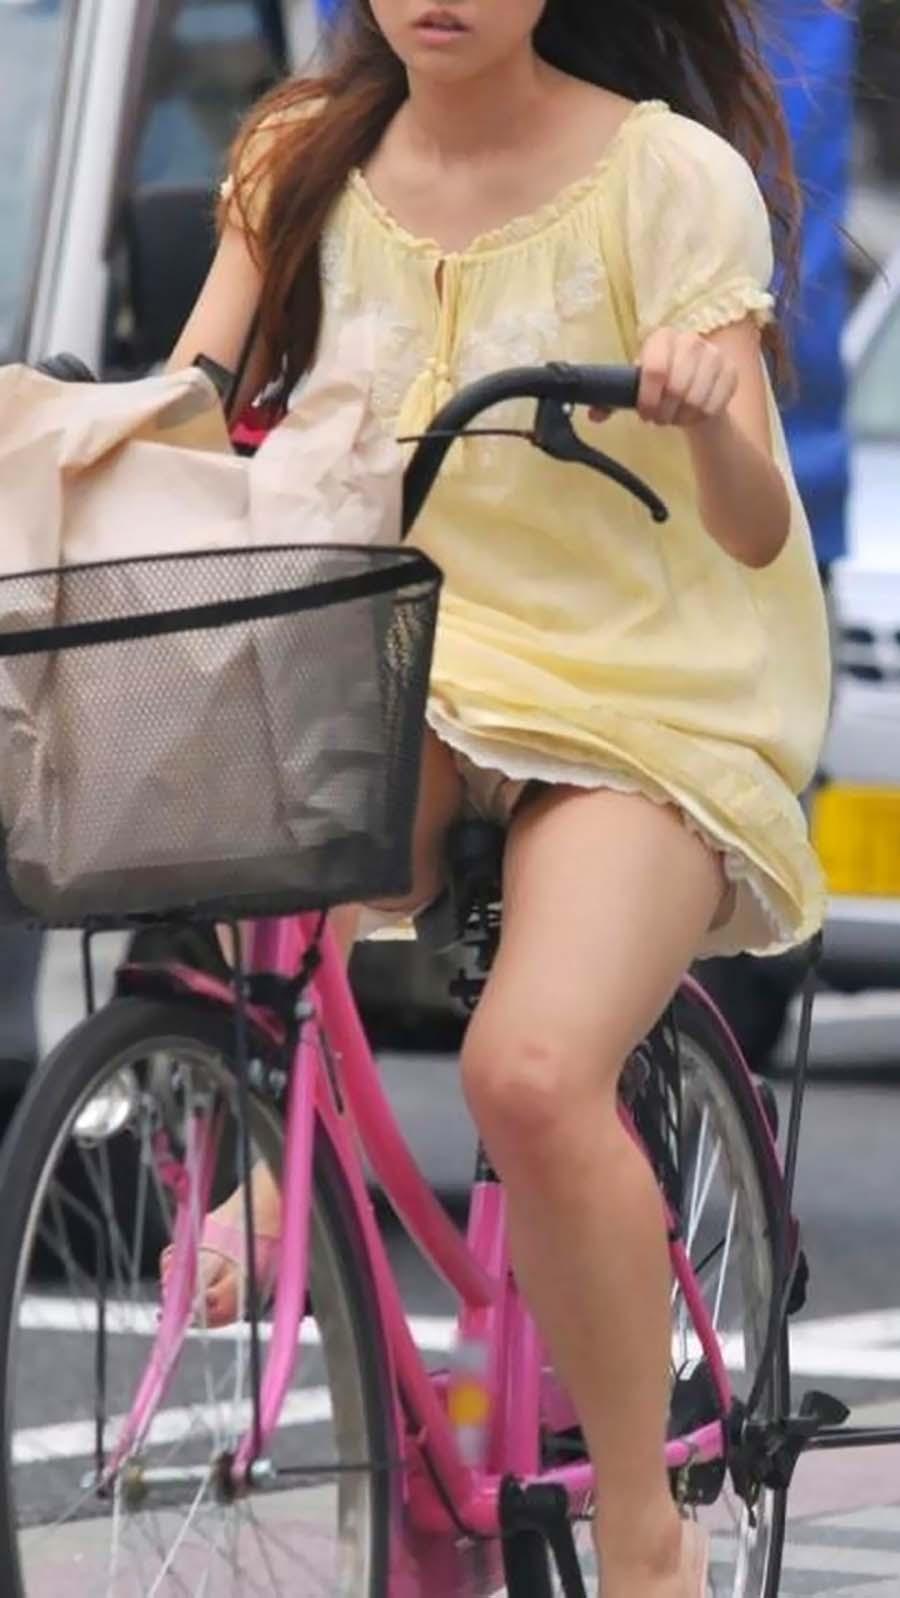 ミニスカで自転車乗る女ってパンツ丸見えするのわかってるのに馬鹿なの?wwwwwwwwww(盗写真あり)